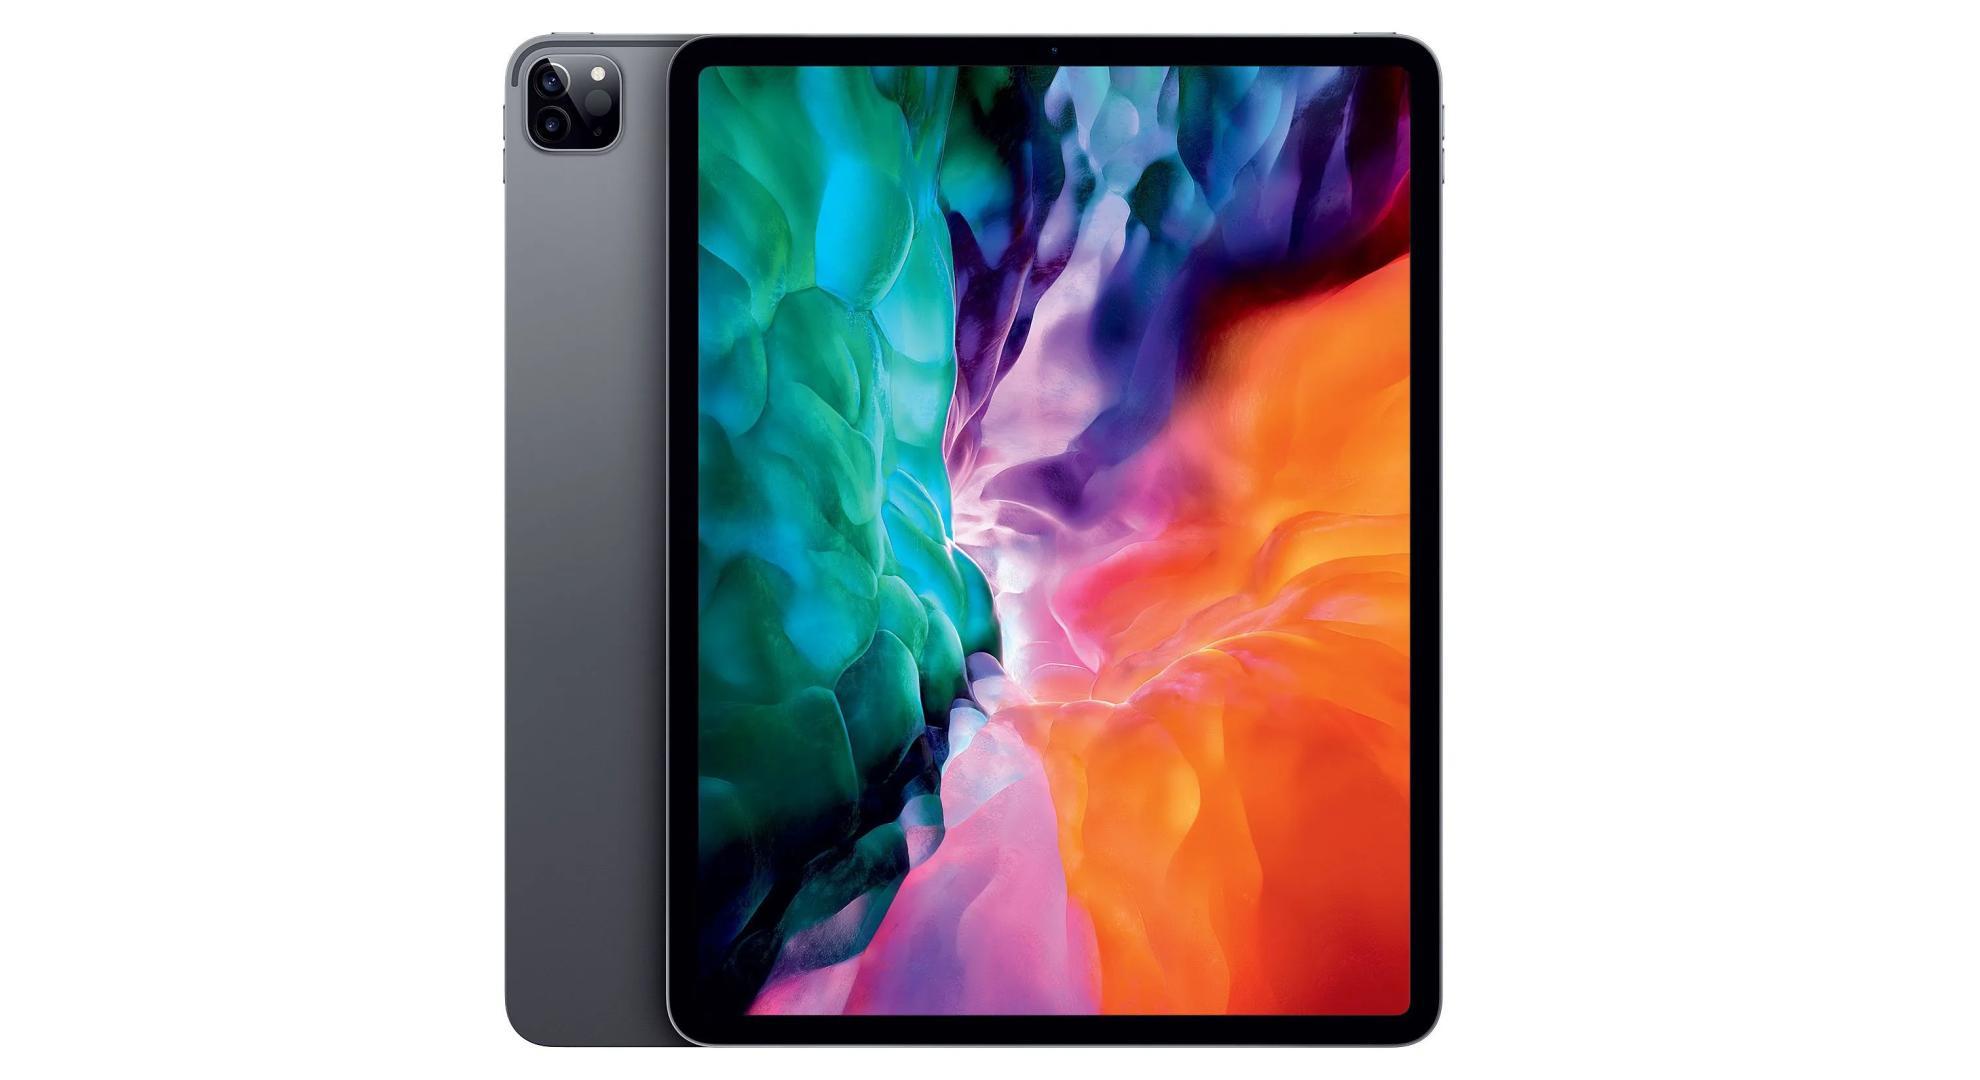 Le modèle 12,9 pouces de l'iPad Pro 2020 chute sous les 900 euros